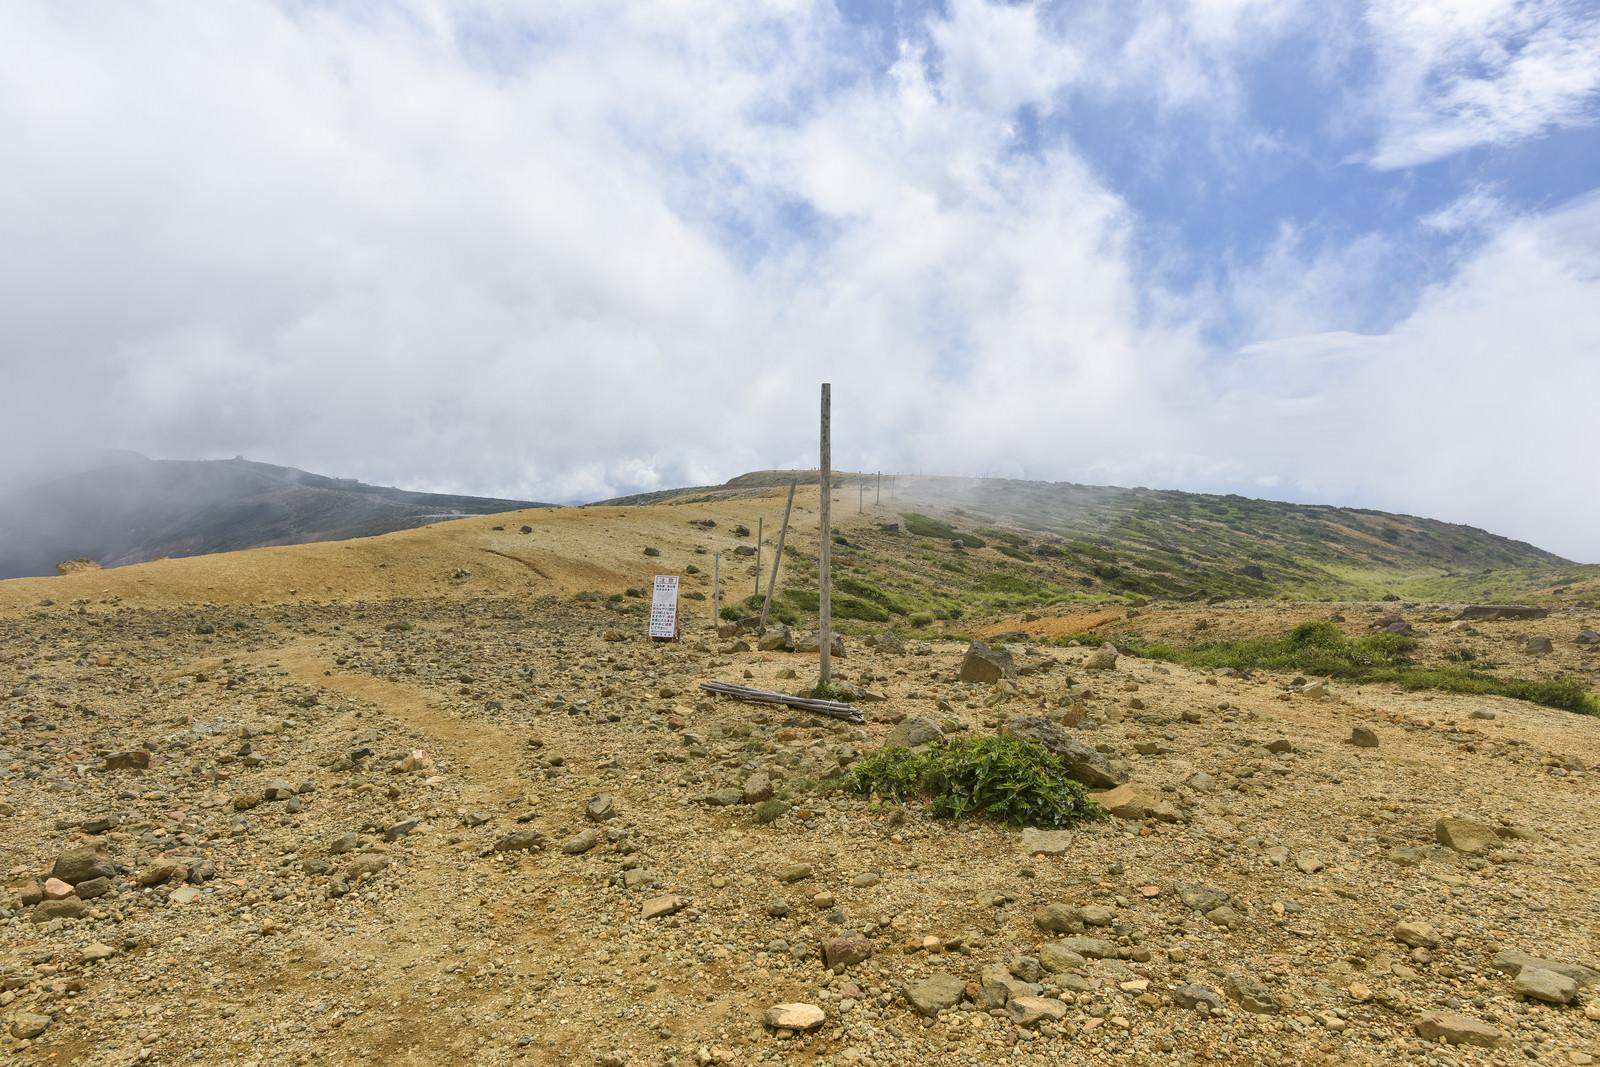 「迷わないように等間隔でポールが立てられた蔵王稜線(蔵王山)」の写真